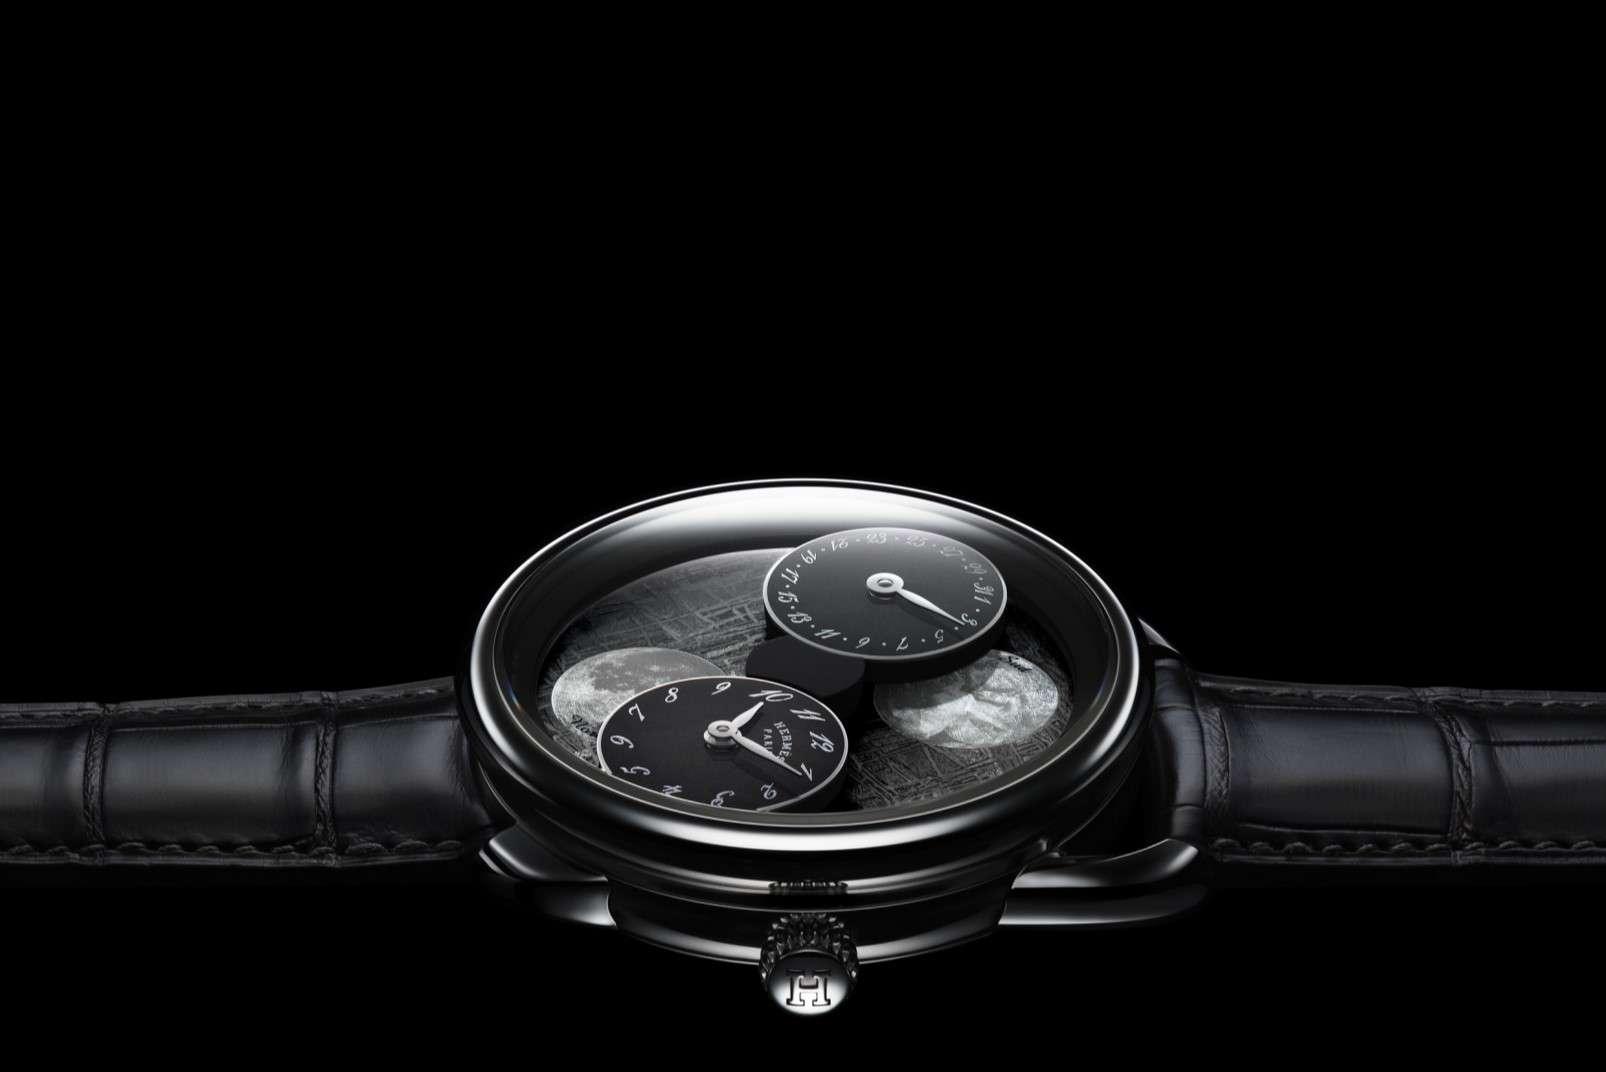 Hermès Arceau L'Heure de la Lune - SIHH 2019